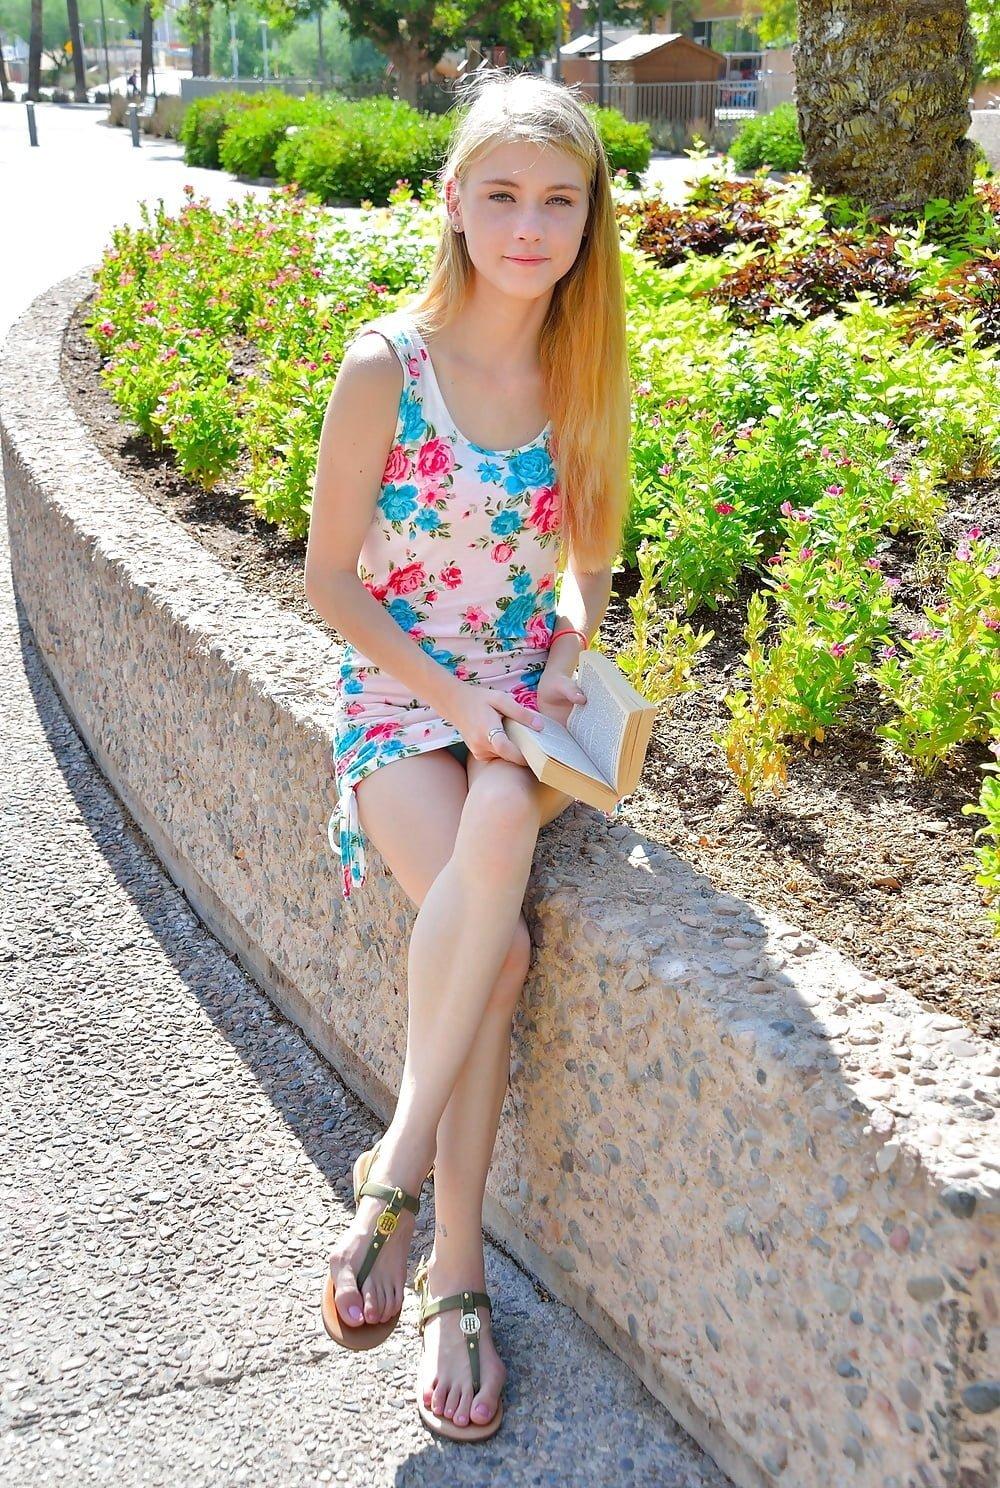 Блондинка засветила под платьем голубые трусики